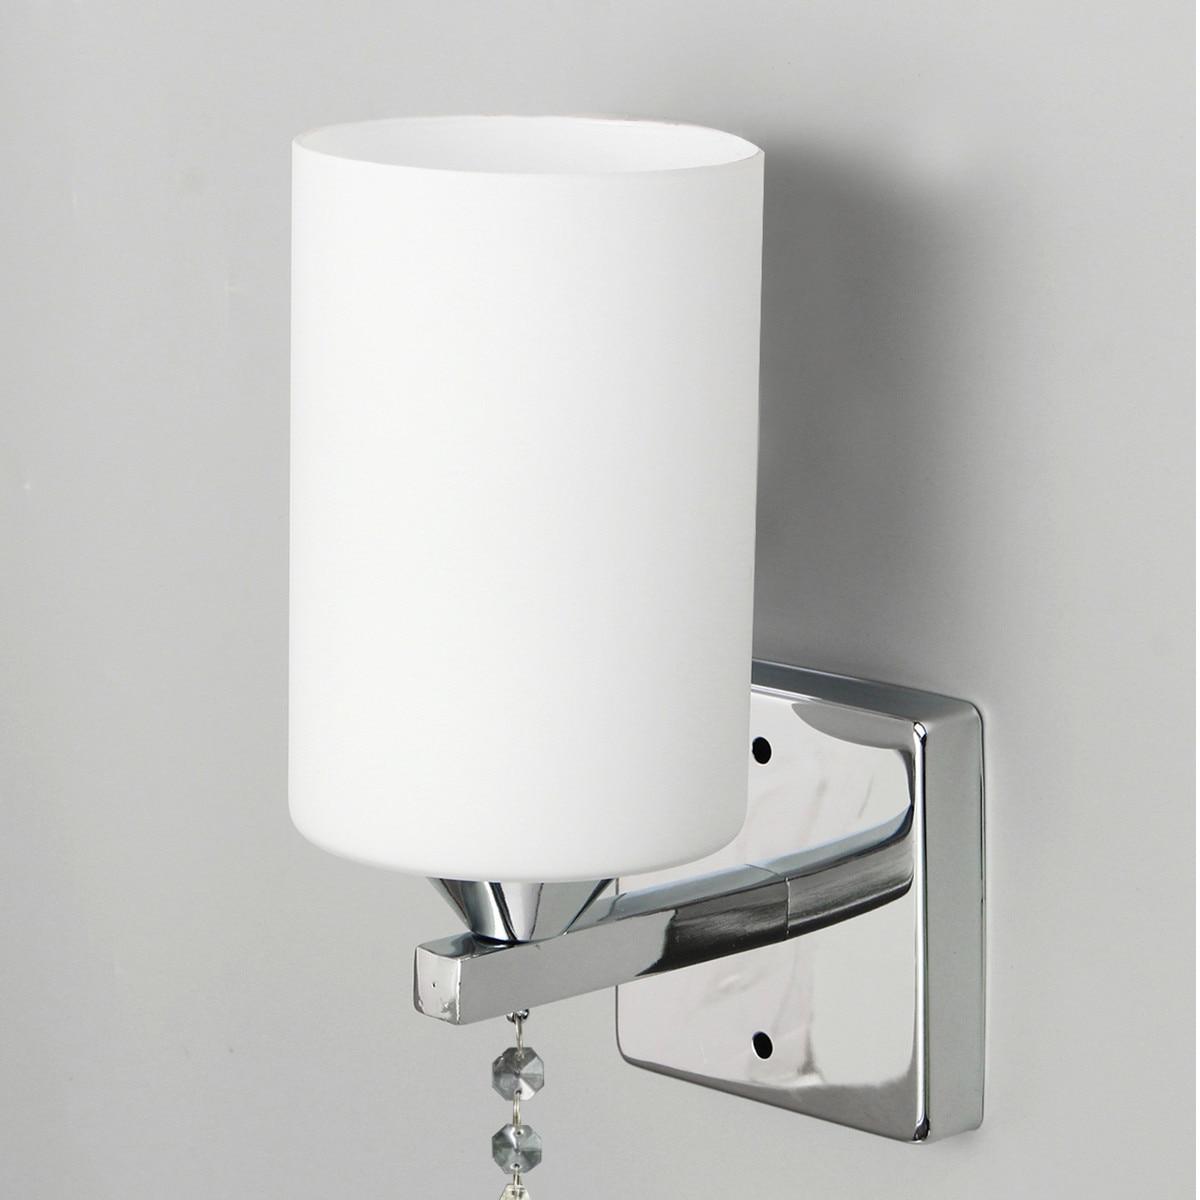 E27 220V LED Wall Light Head Of Bed Wall Lamp Home Decor ...